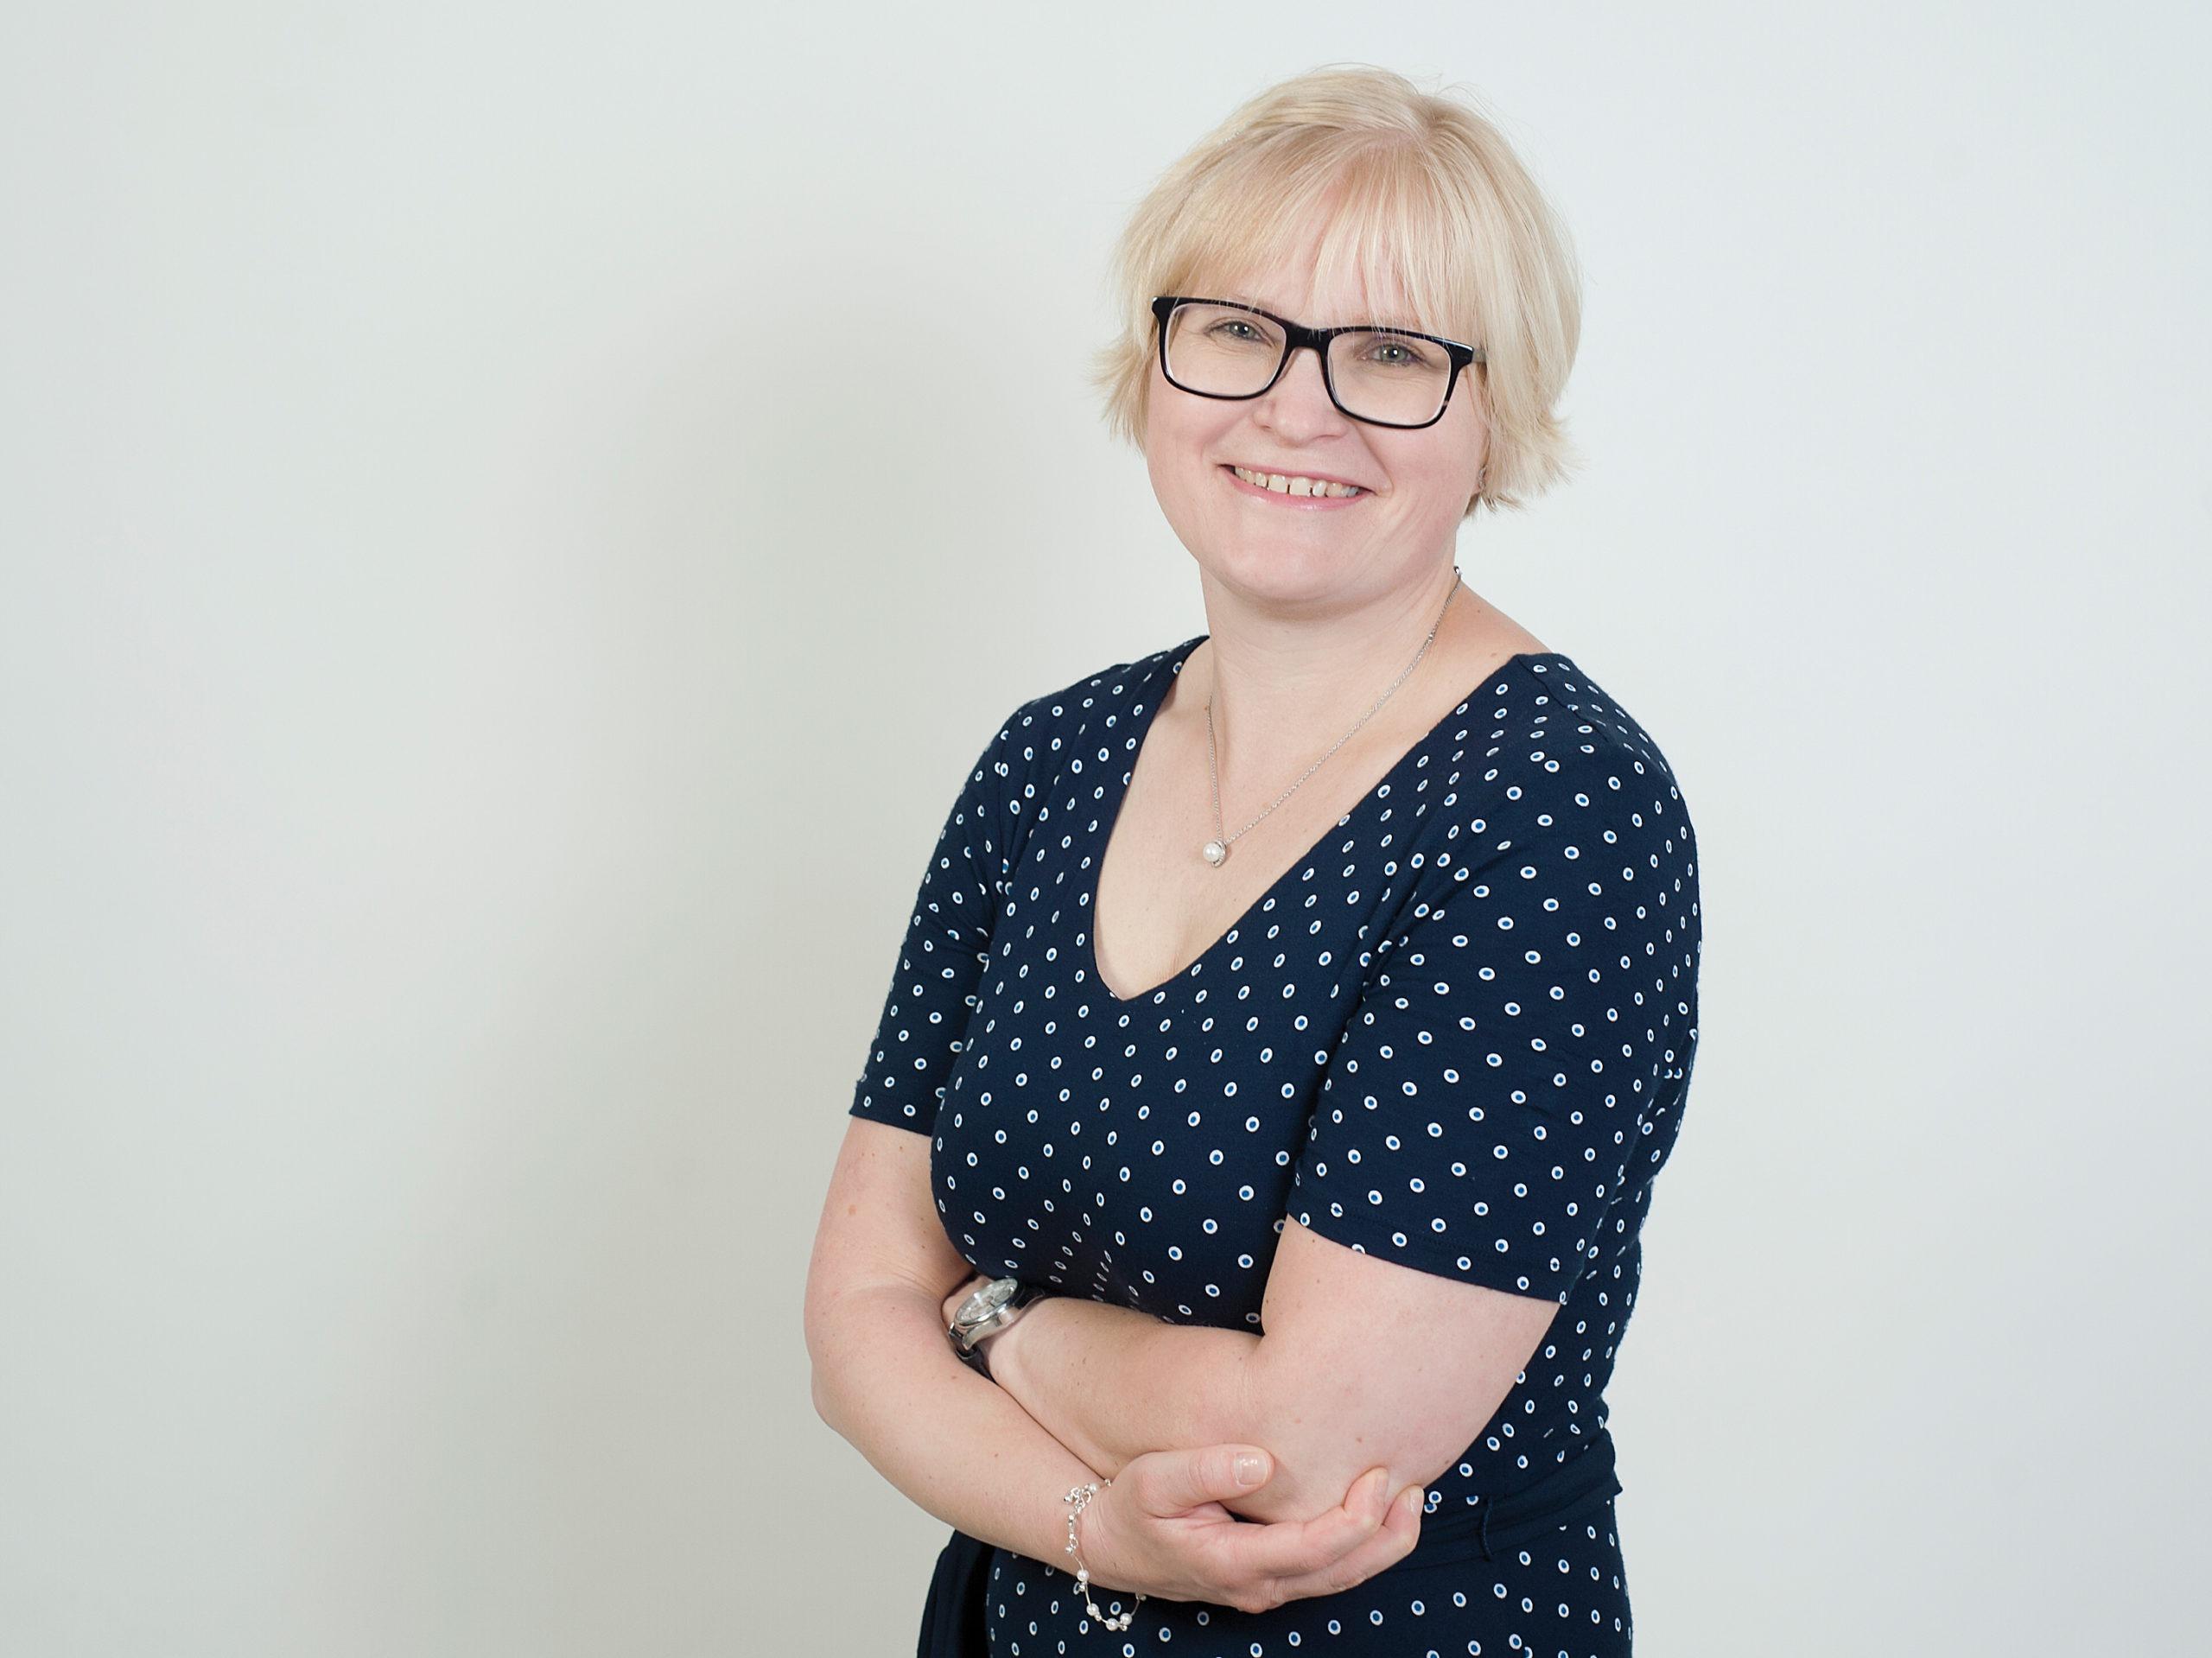 Ulrike Kattirs | Empfang und zentrale Dienste